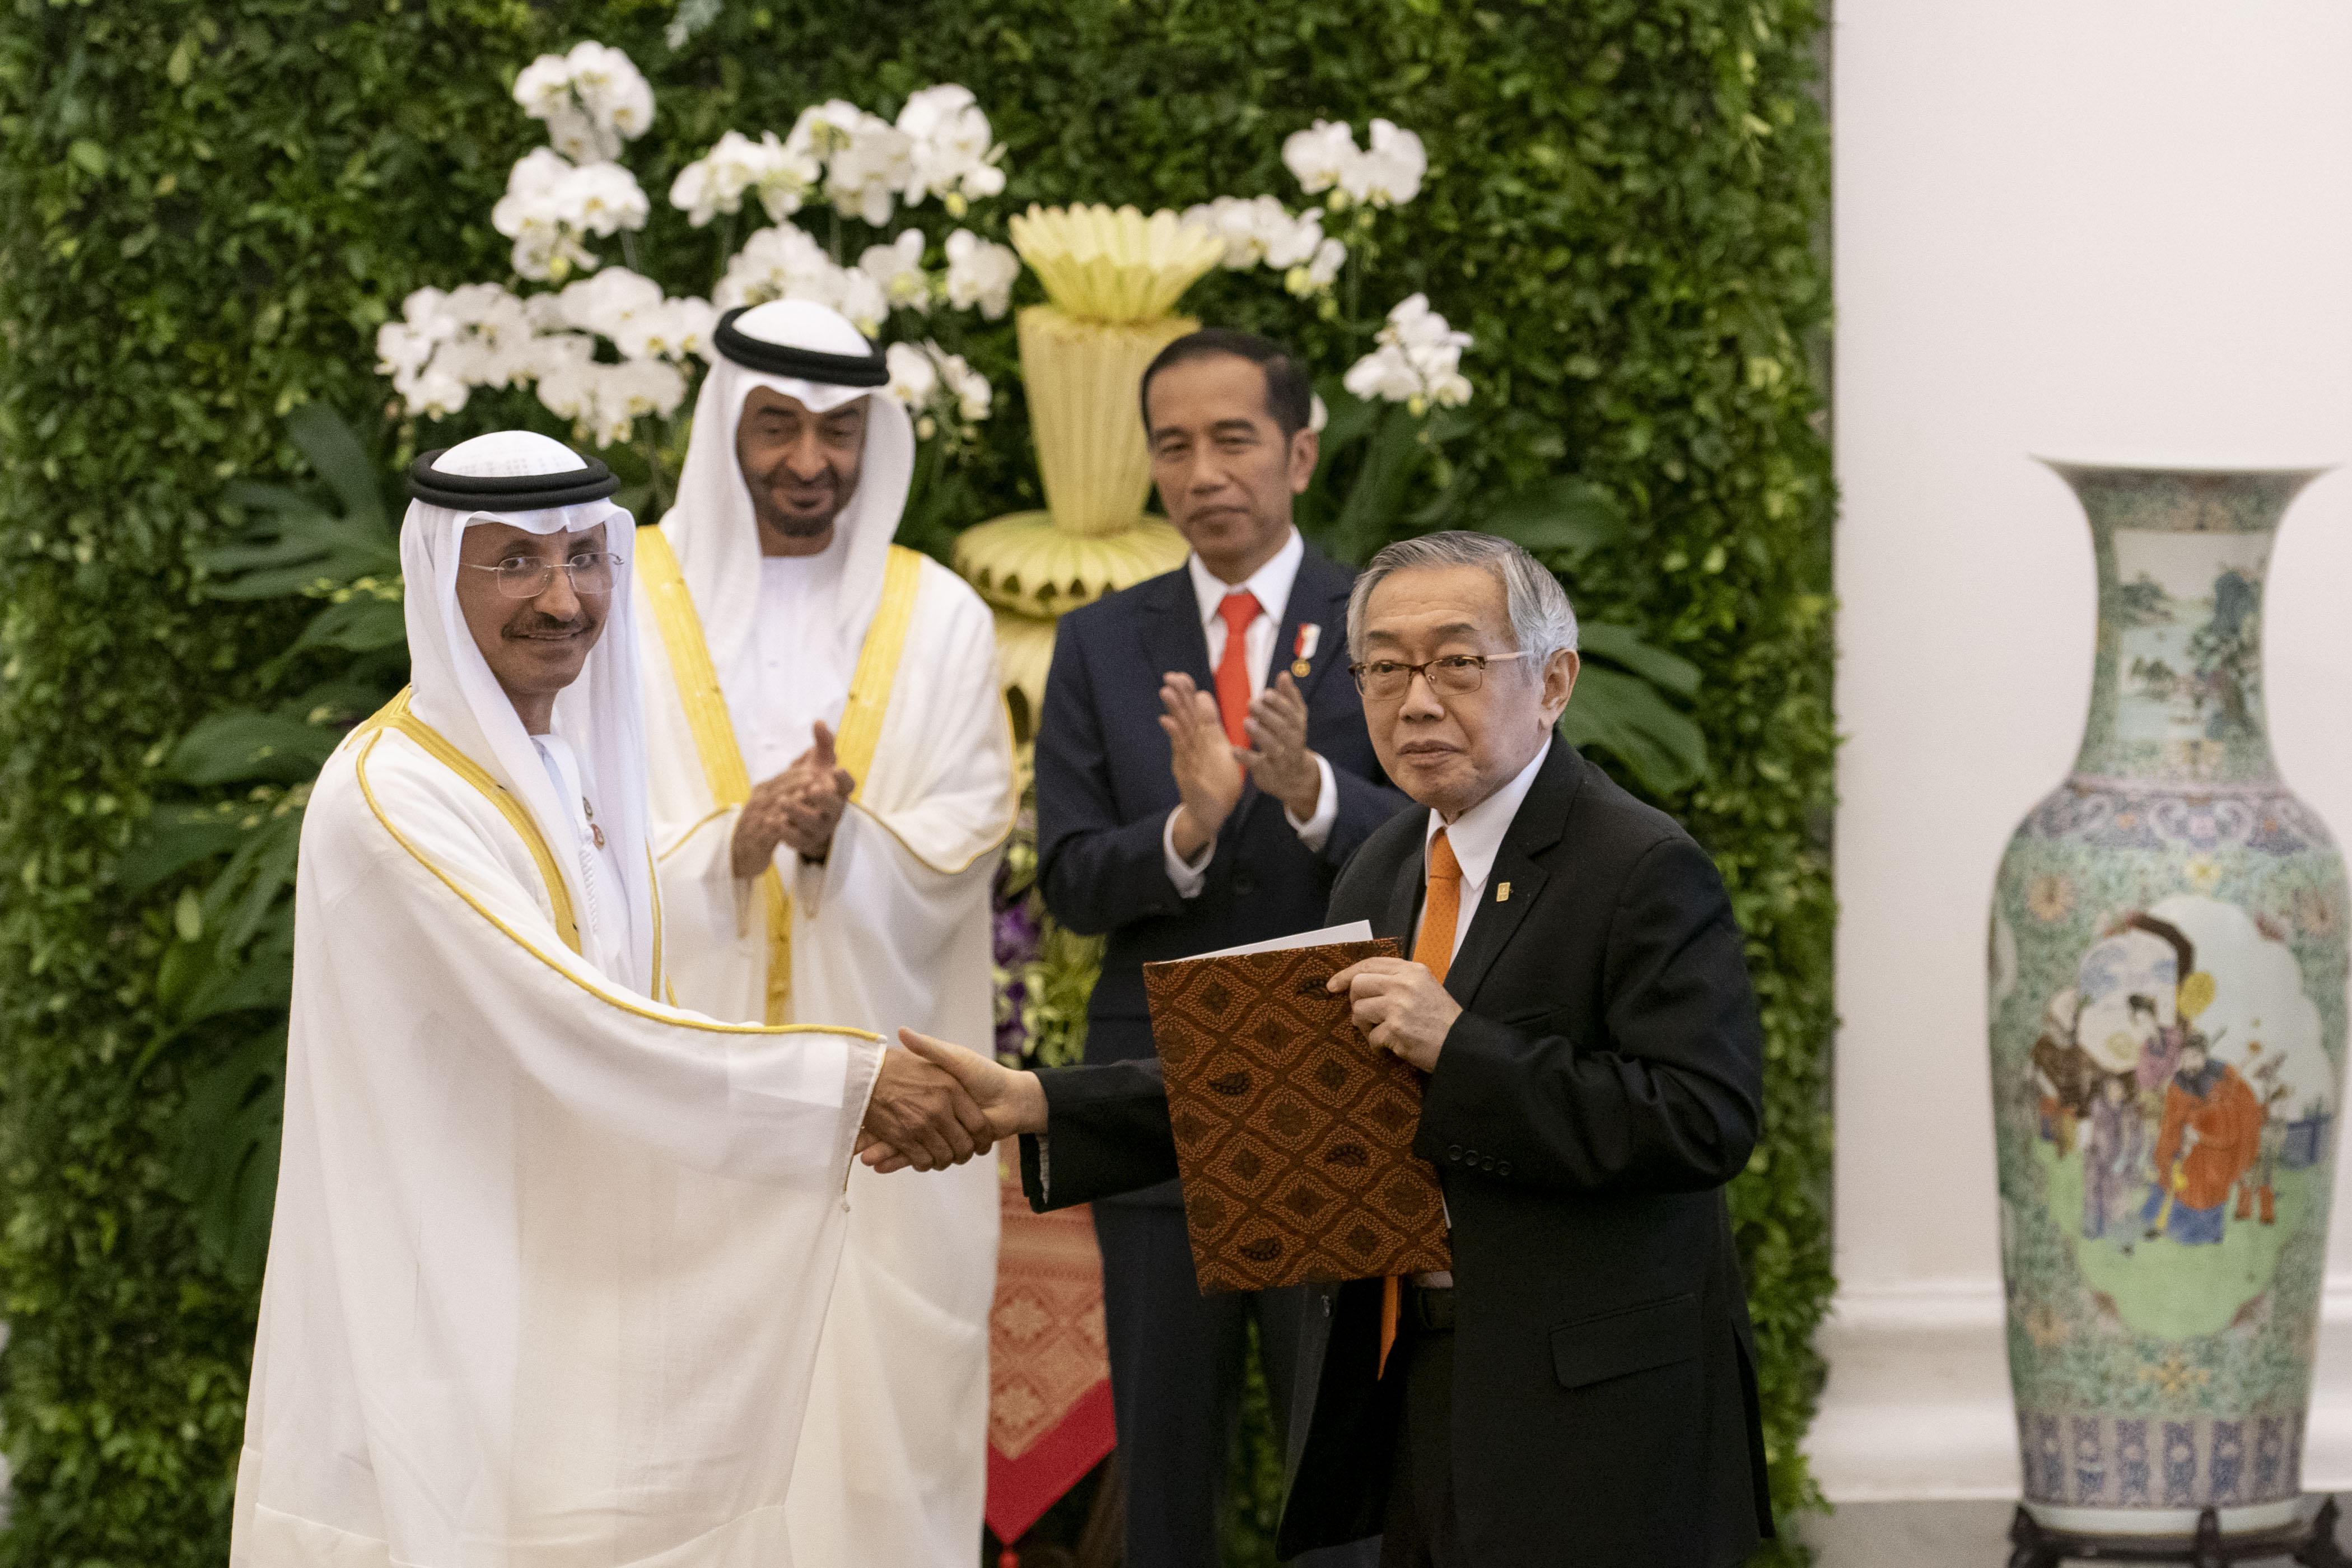 محمد بن زايد والرئيس الأندونيسي يشهدان مراسم تبادل اتفاقيات ومذكرات تفاهم بين البلدين